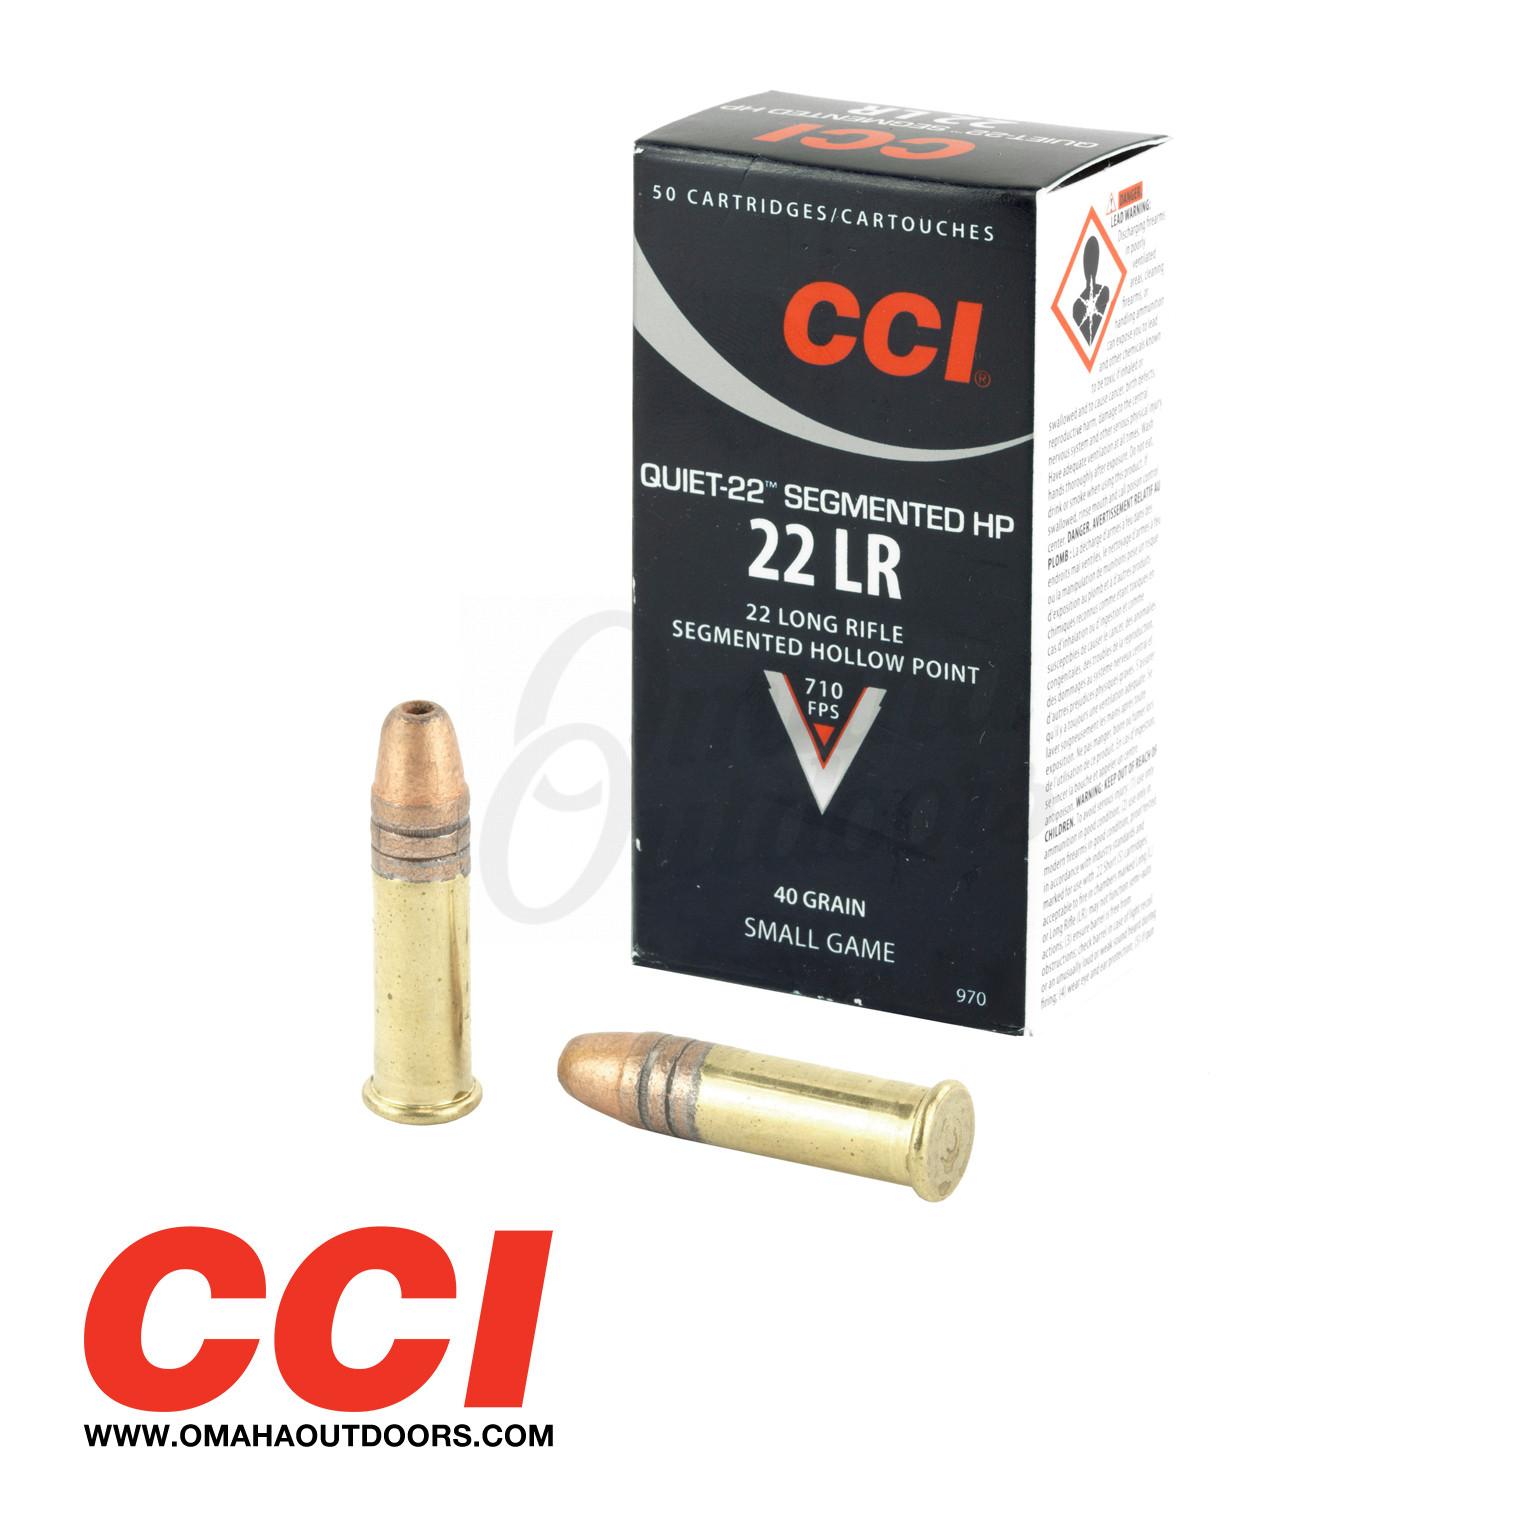 cci quiet 22 ammo 22lr 40 gr cp rn 50 round box 970